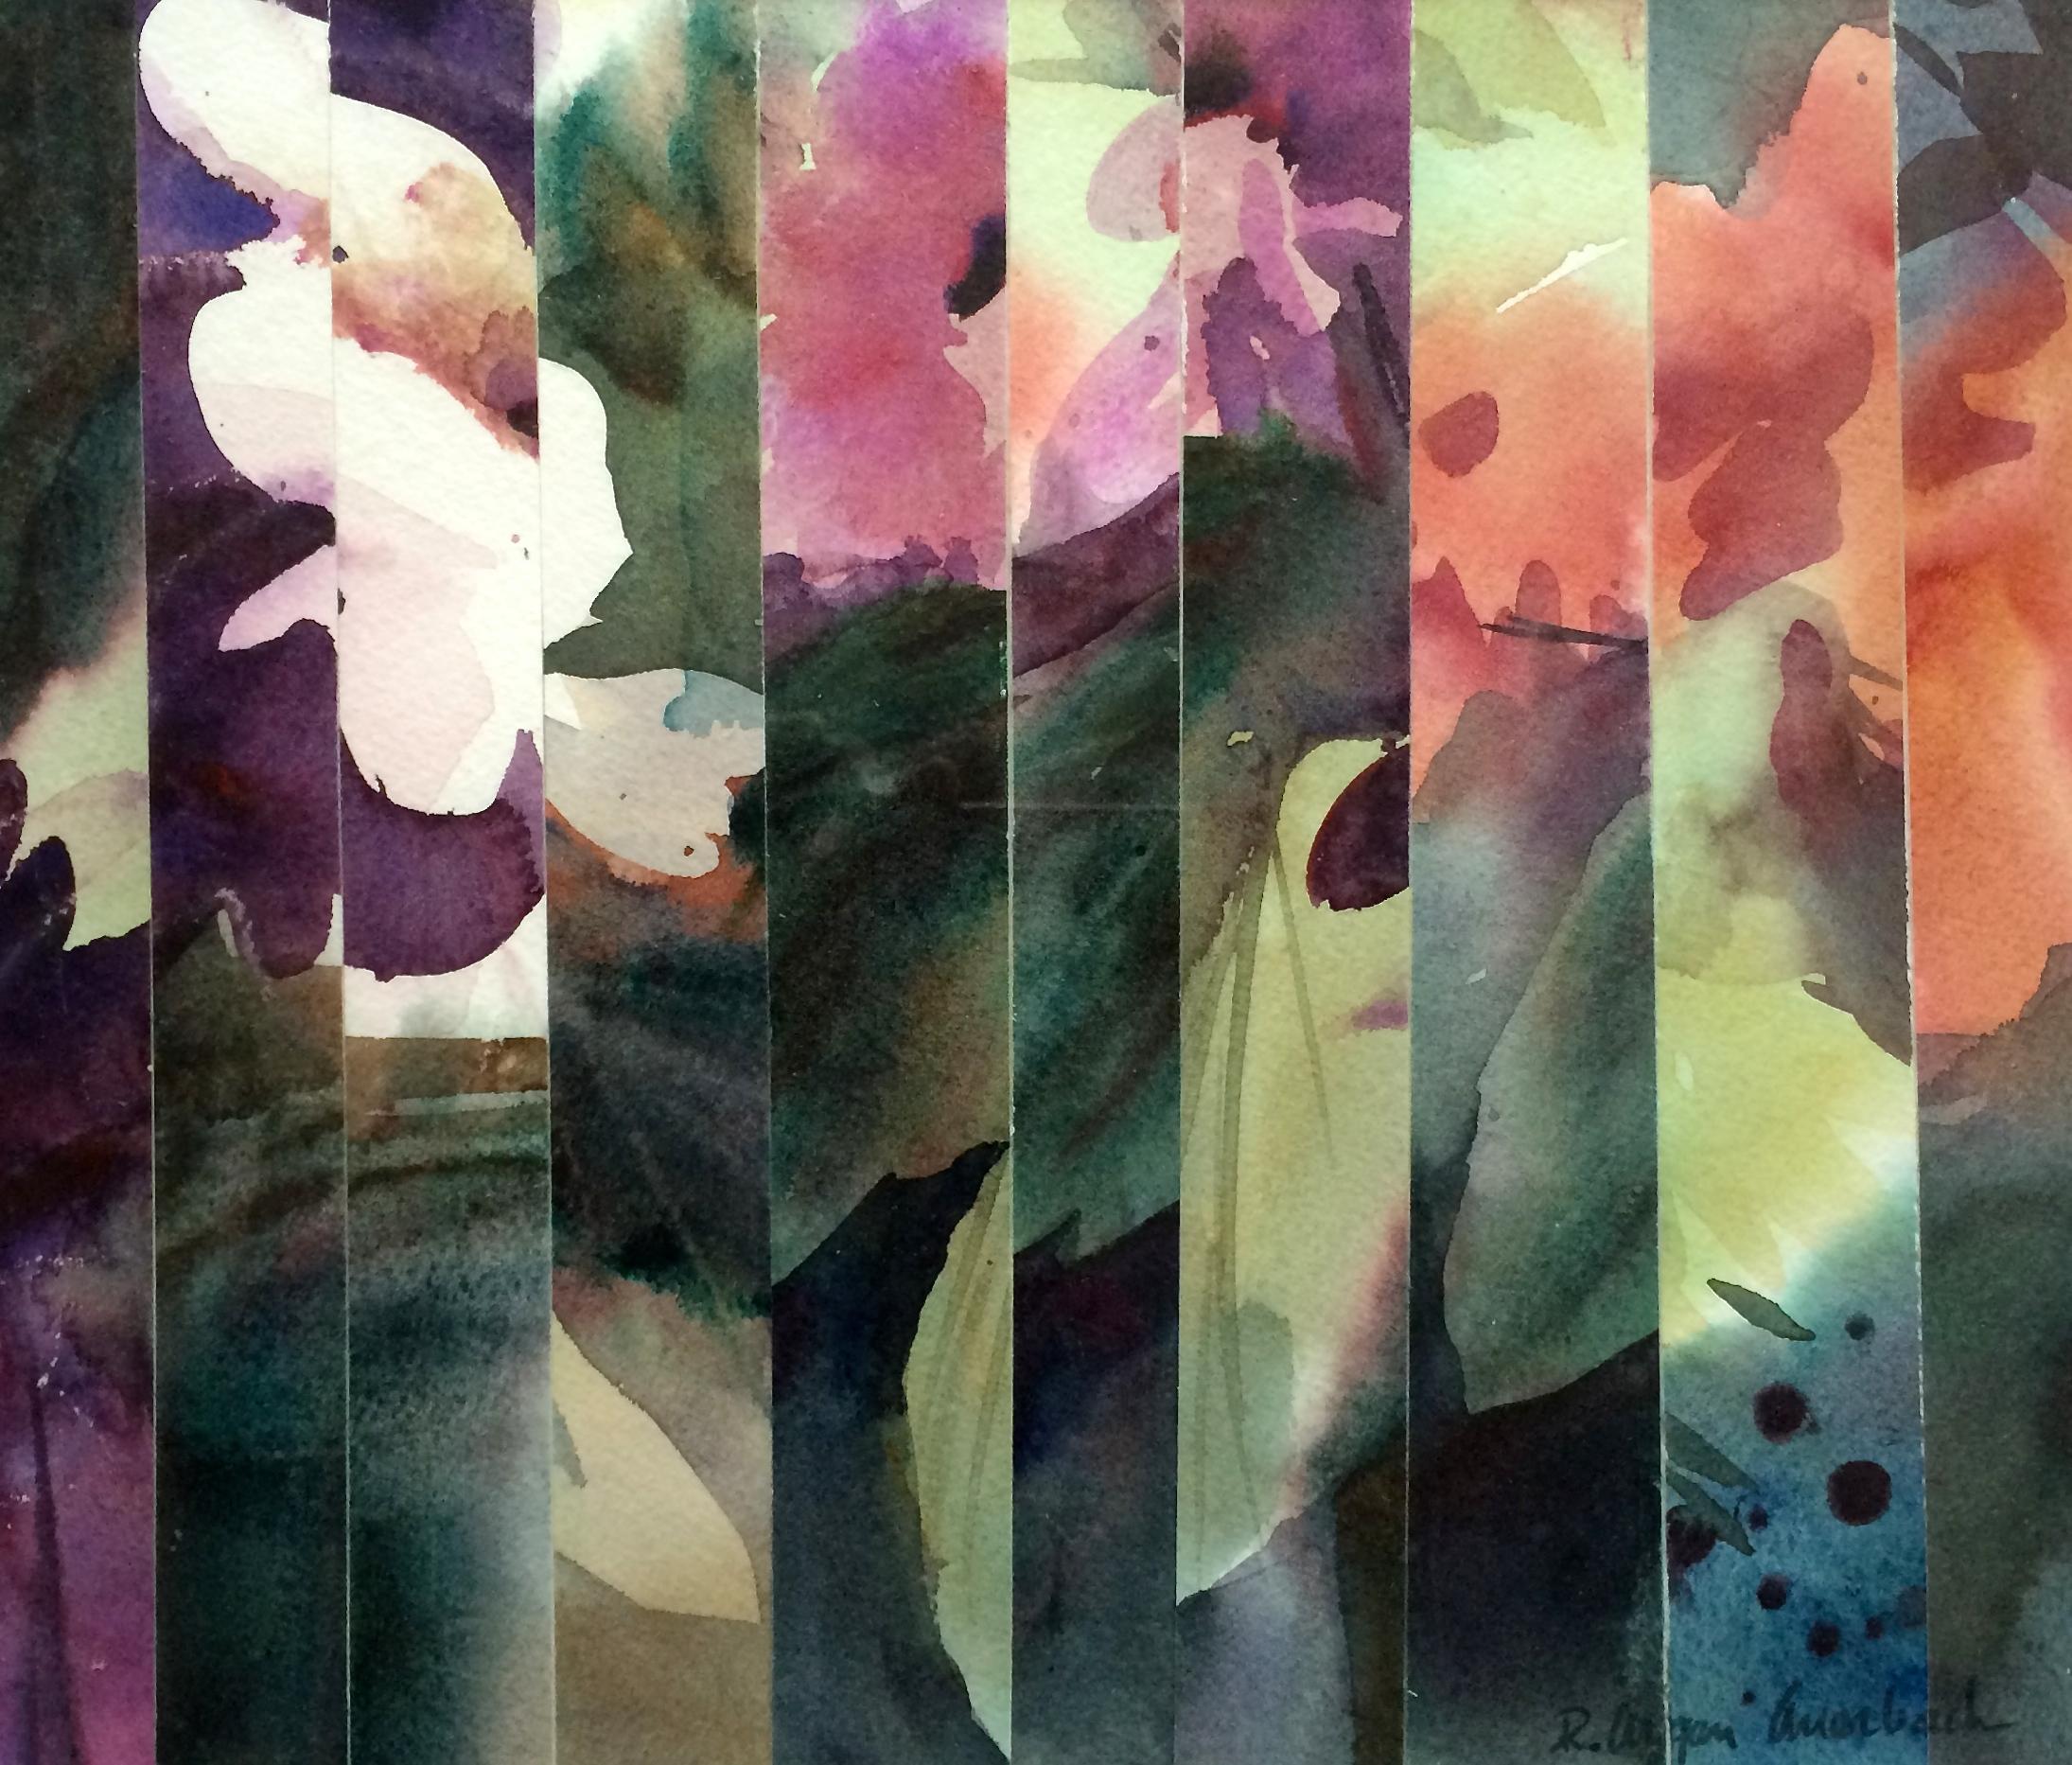 Floral Prism, watercolor, by Rita Argen Auerbach